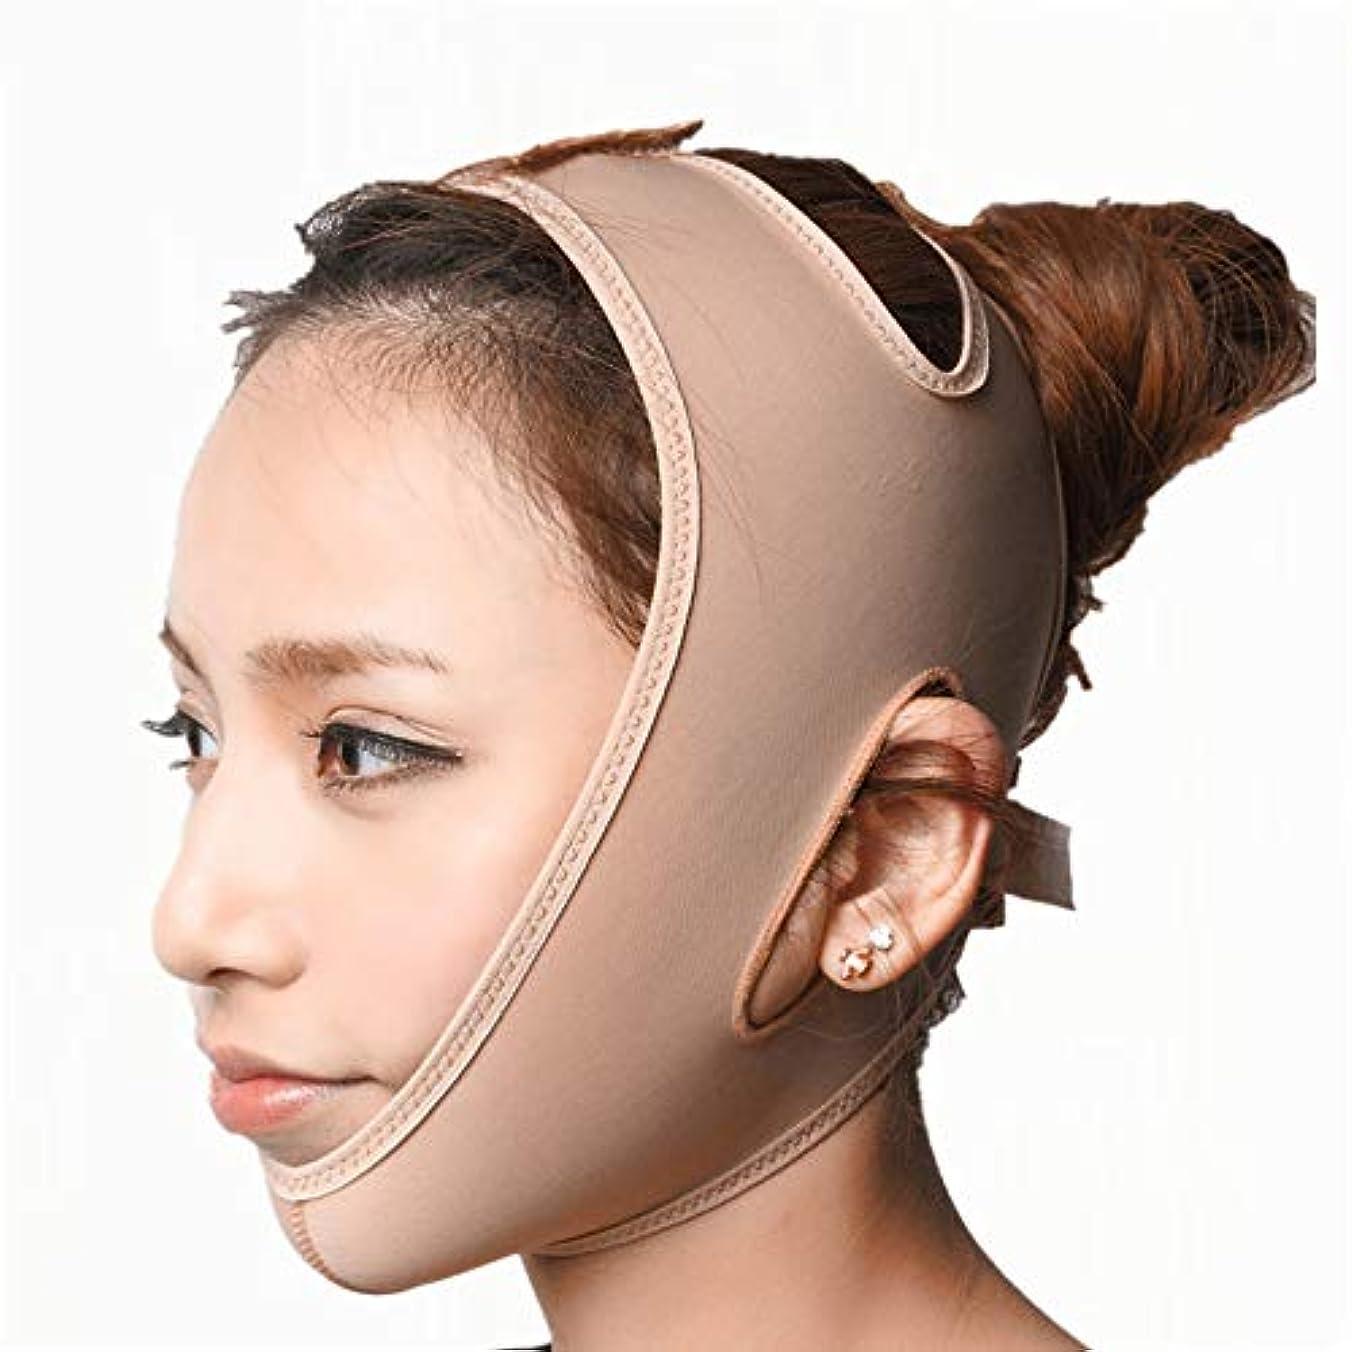 クロス物理的に無限Minmin 顔の持ち上がる痩身ベルト - アンチエイジングリンクルフェイスマスクベルトシンフェイス包帯整形マスクは顔と首を締めますフェイススリム みんみんVラインフェイスマスク (Size : L)